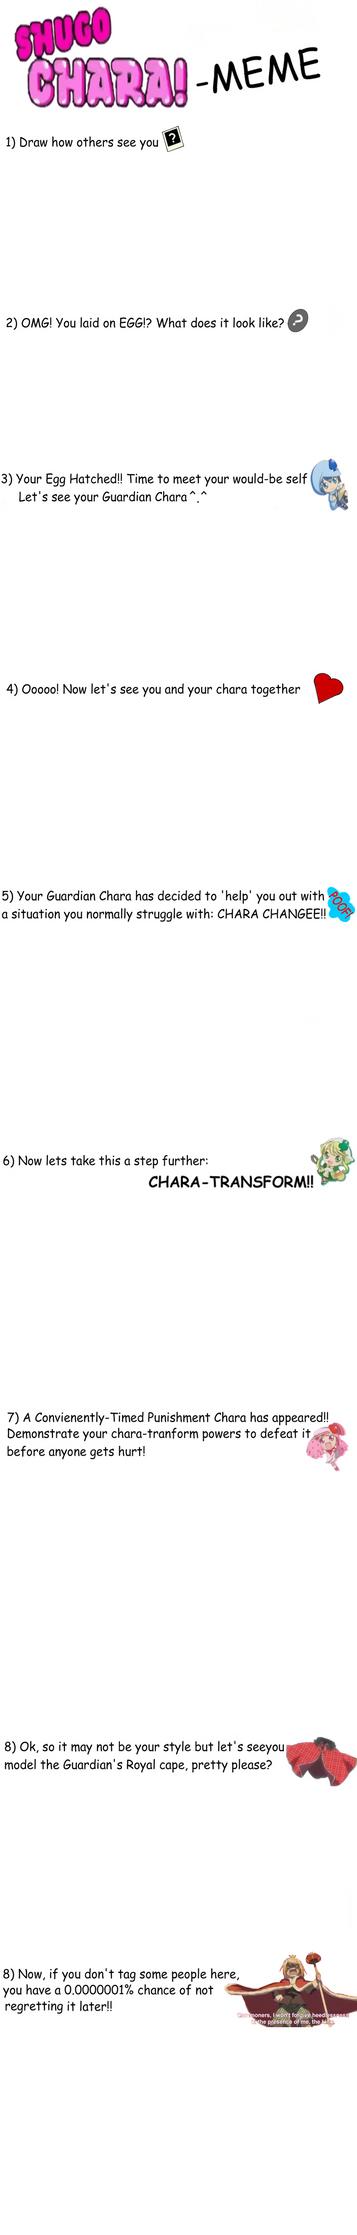 Shugo Chara Meme by Chleddyfwr